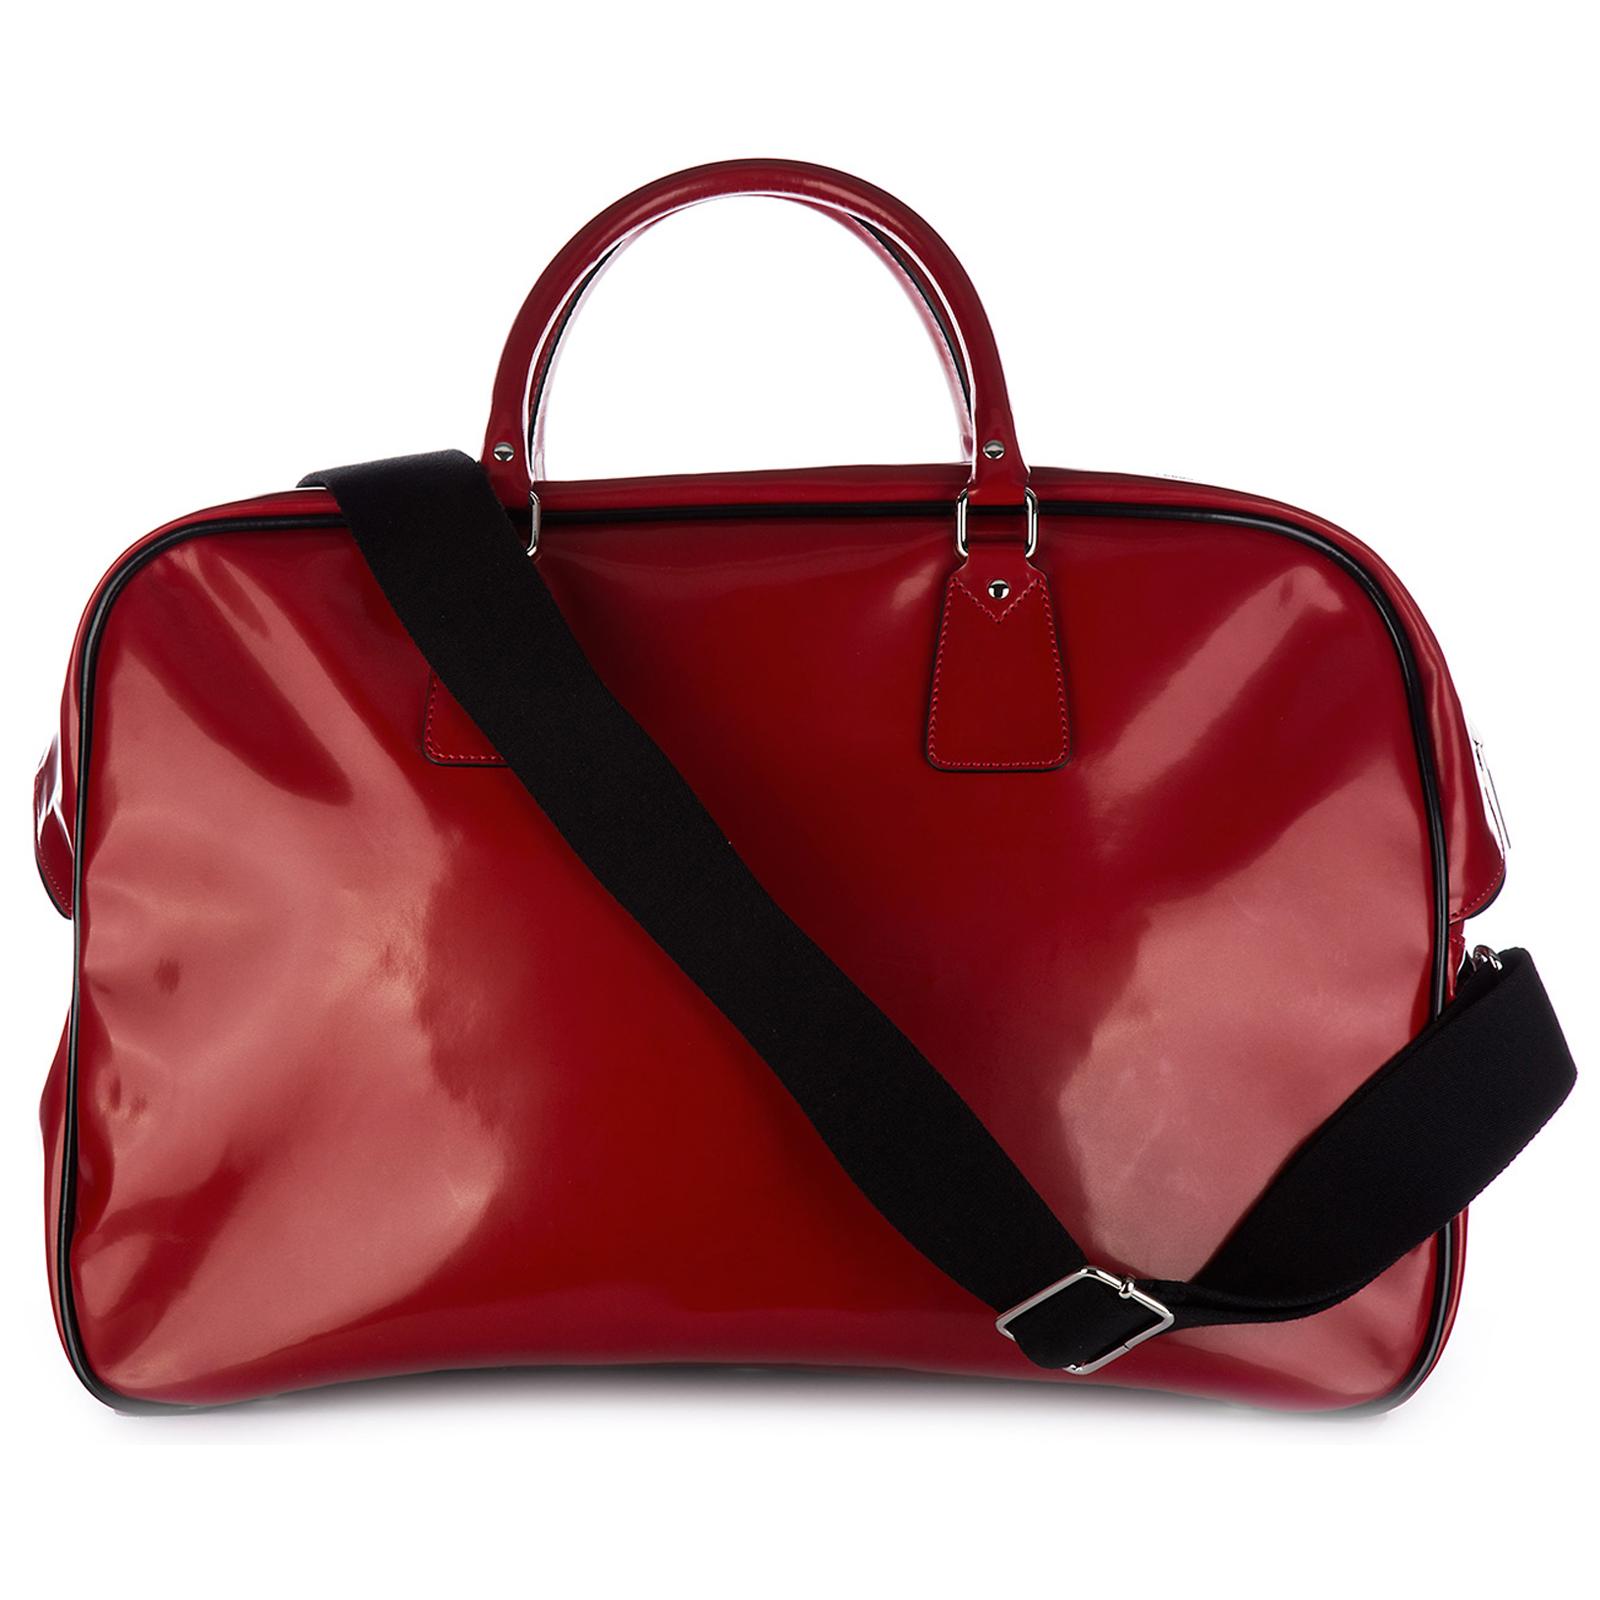 Reisetasche tasche weekender umhängetasche seventies duffle